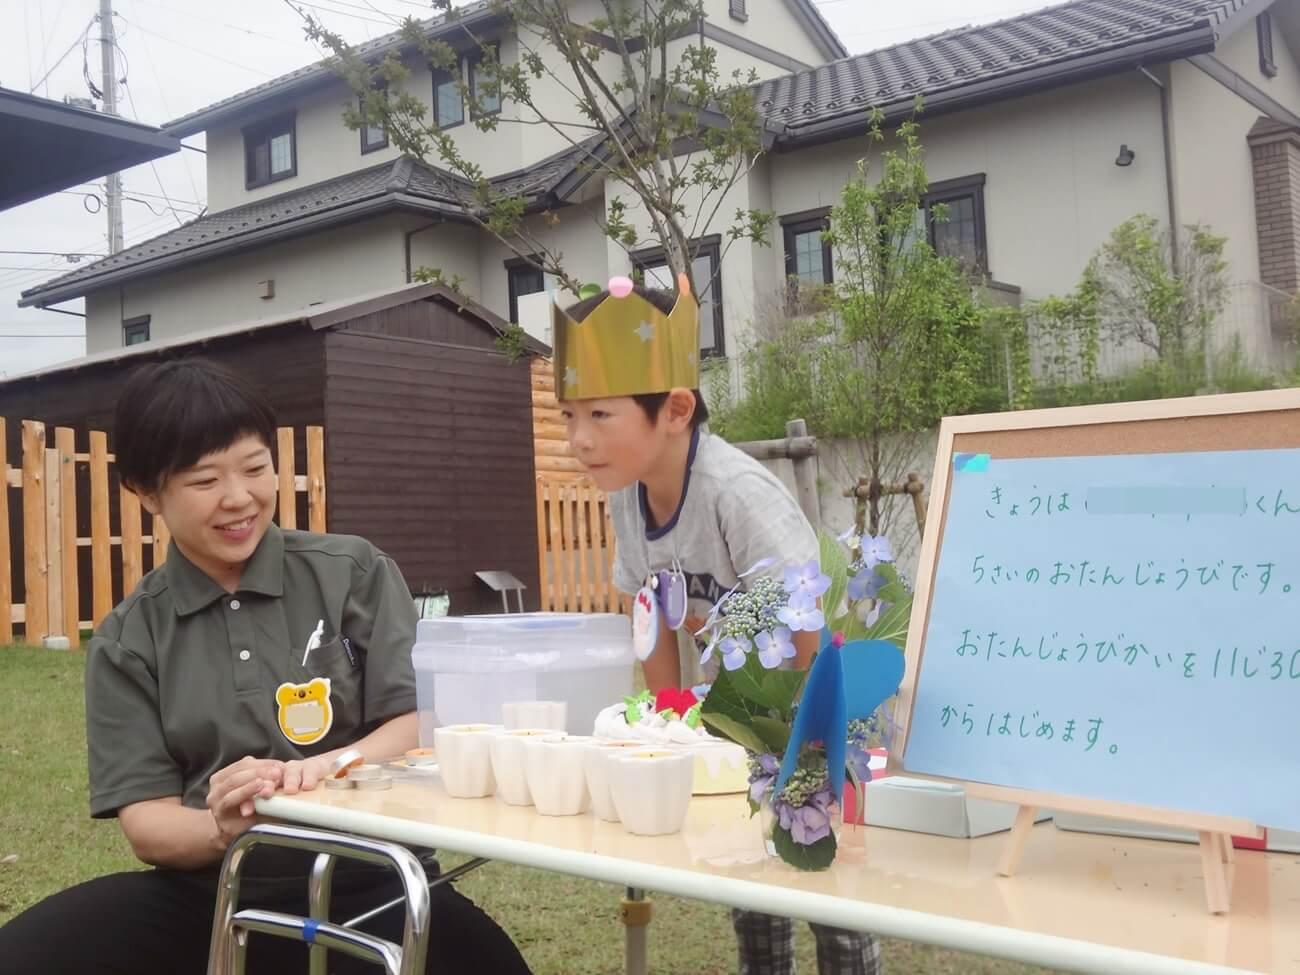 石田さん(左)。お誕生会の様子